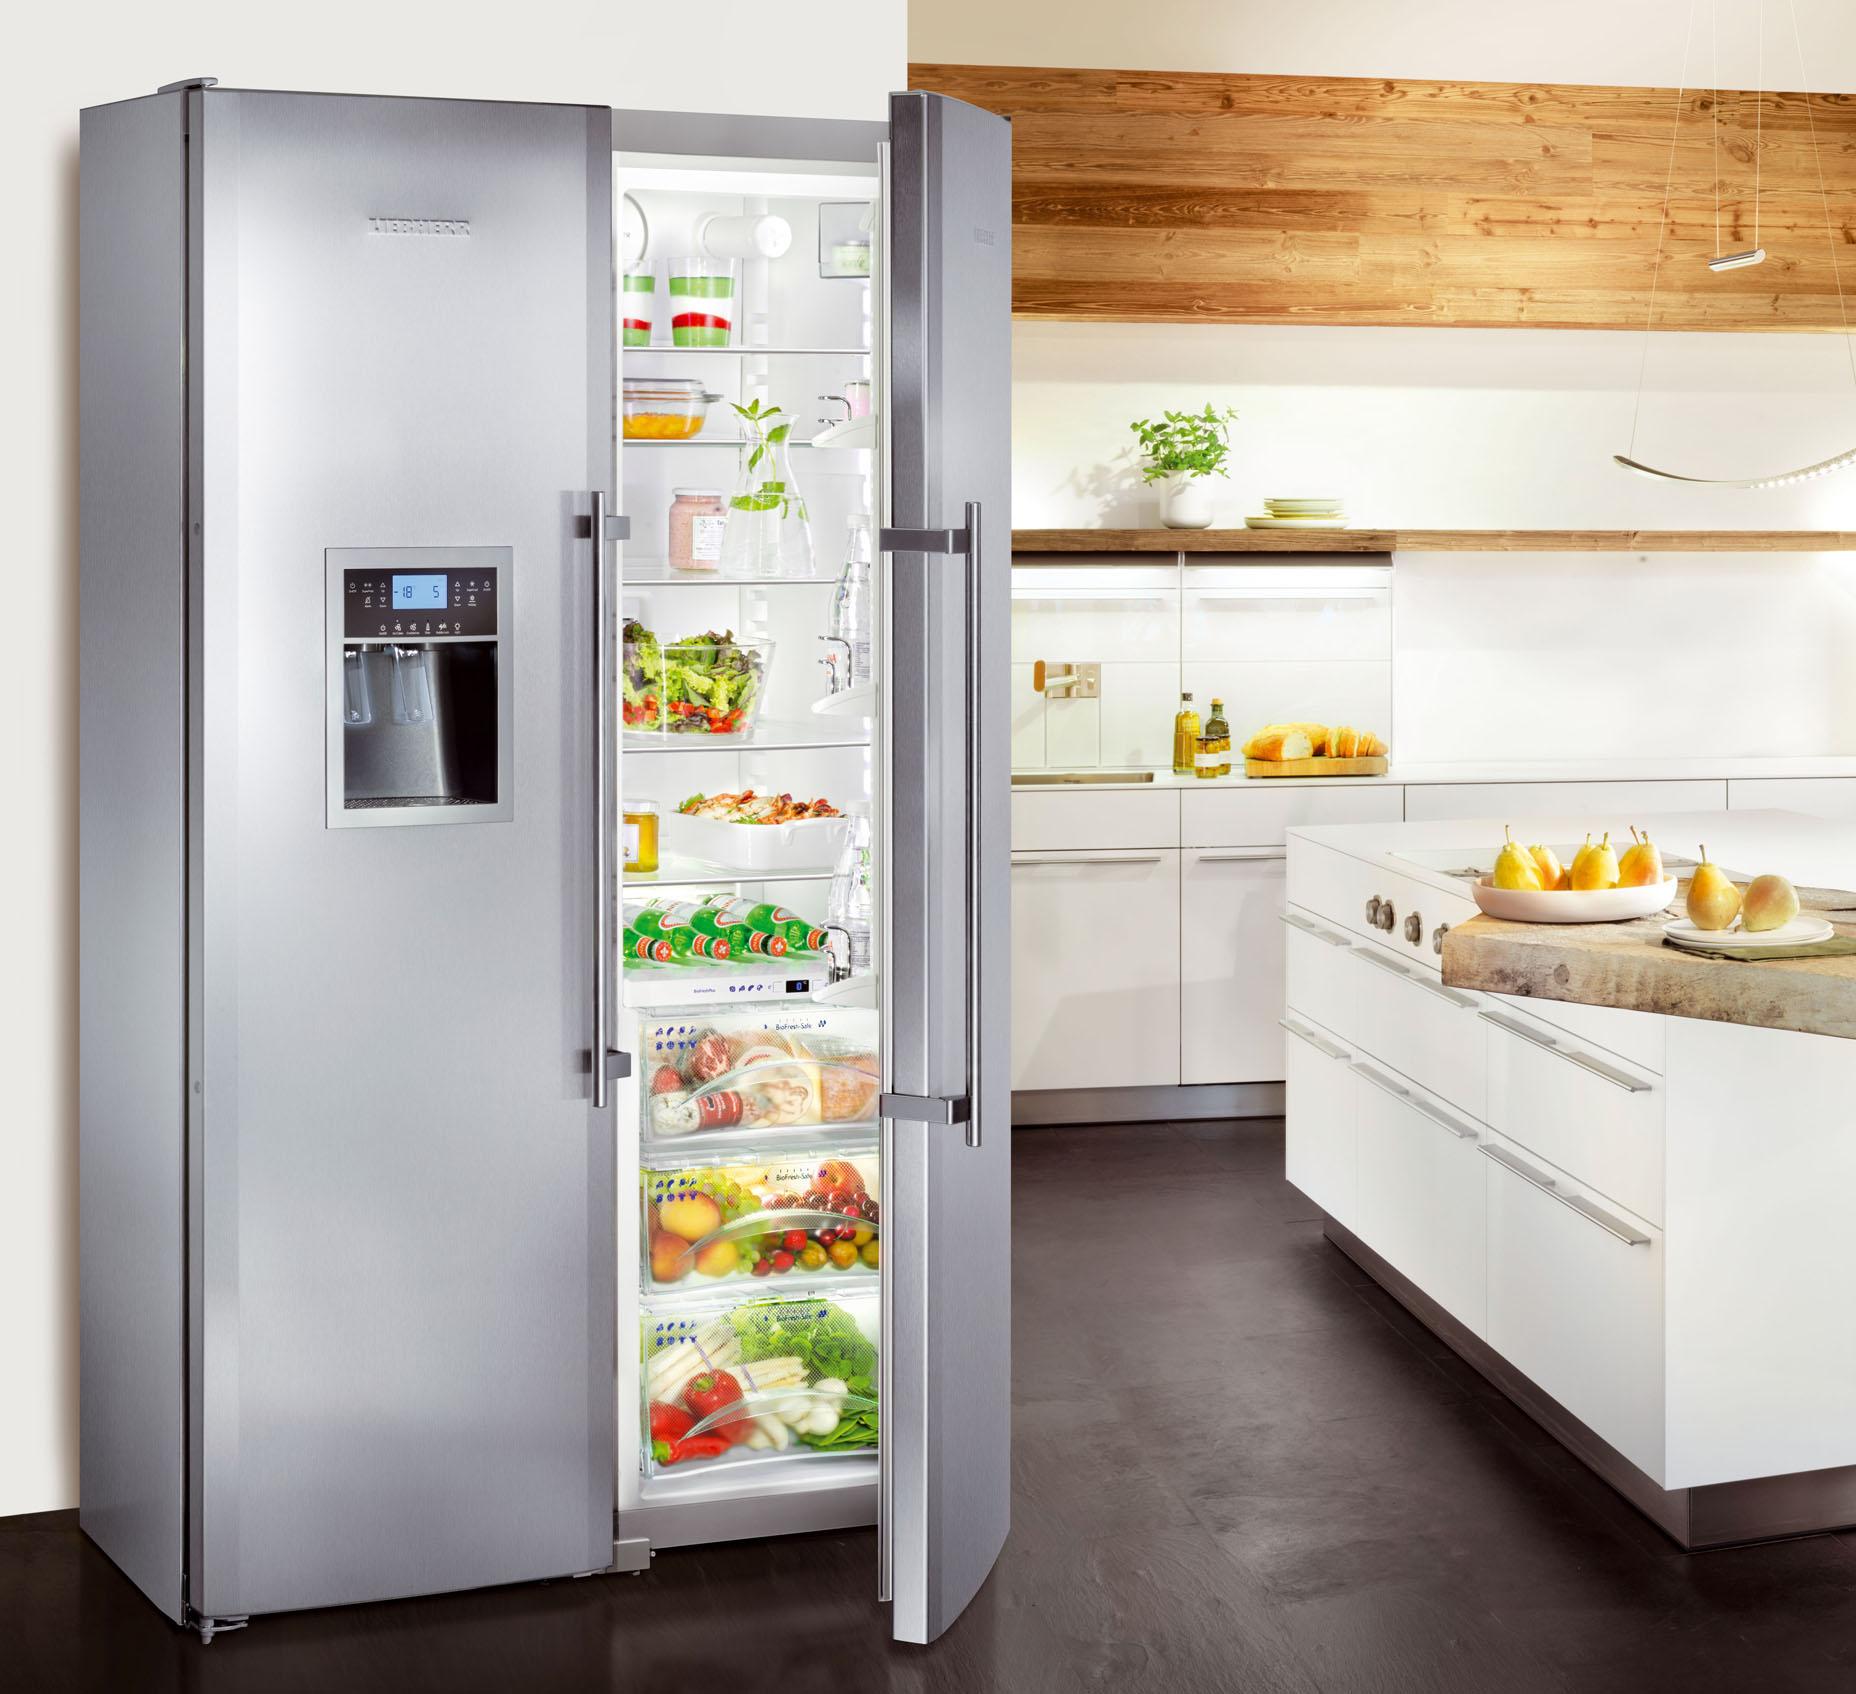 Принцип работы и устройство современных холодильников